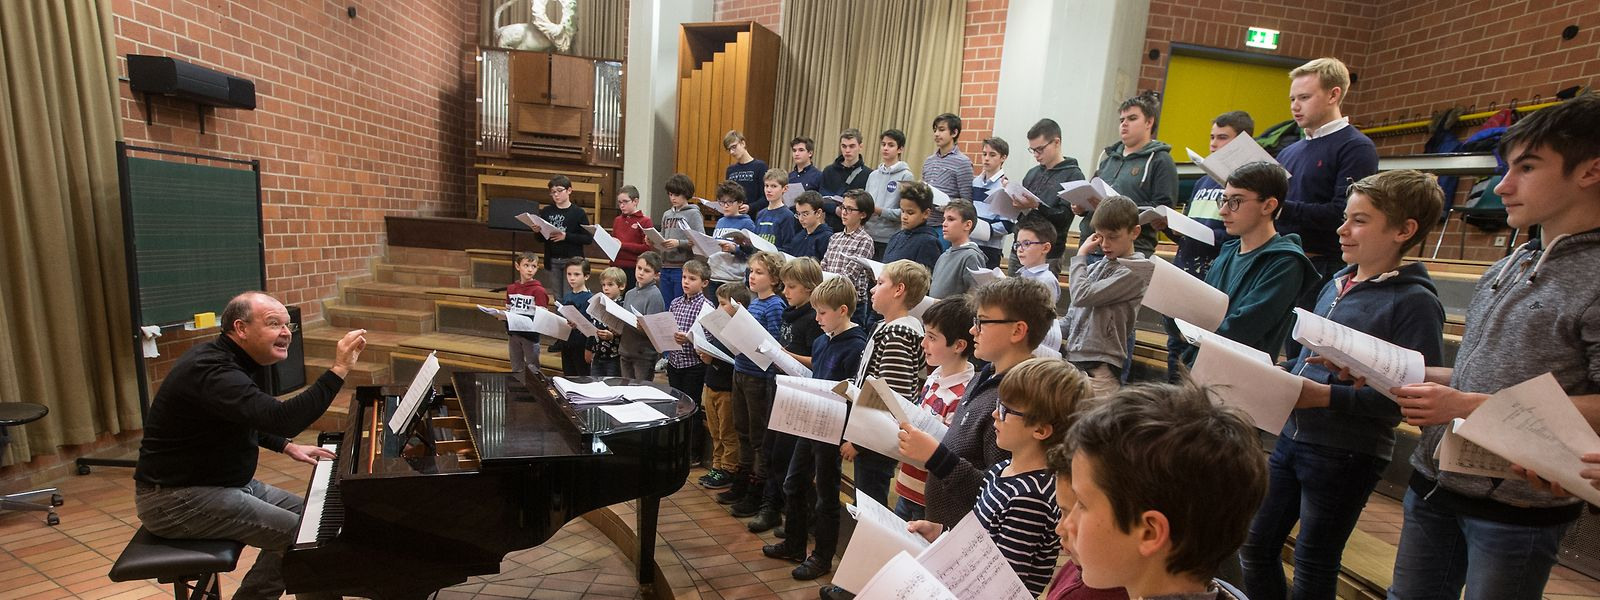 Répétition hebdomadaire au Conservatoire de Luxembourg sous la direction de Pit Nimax.